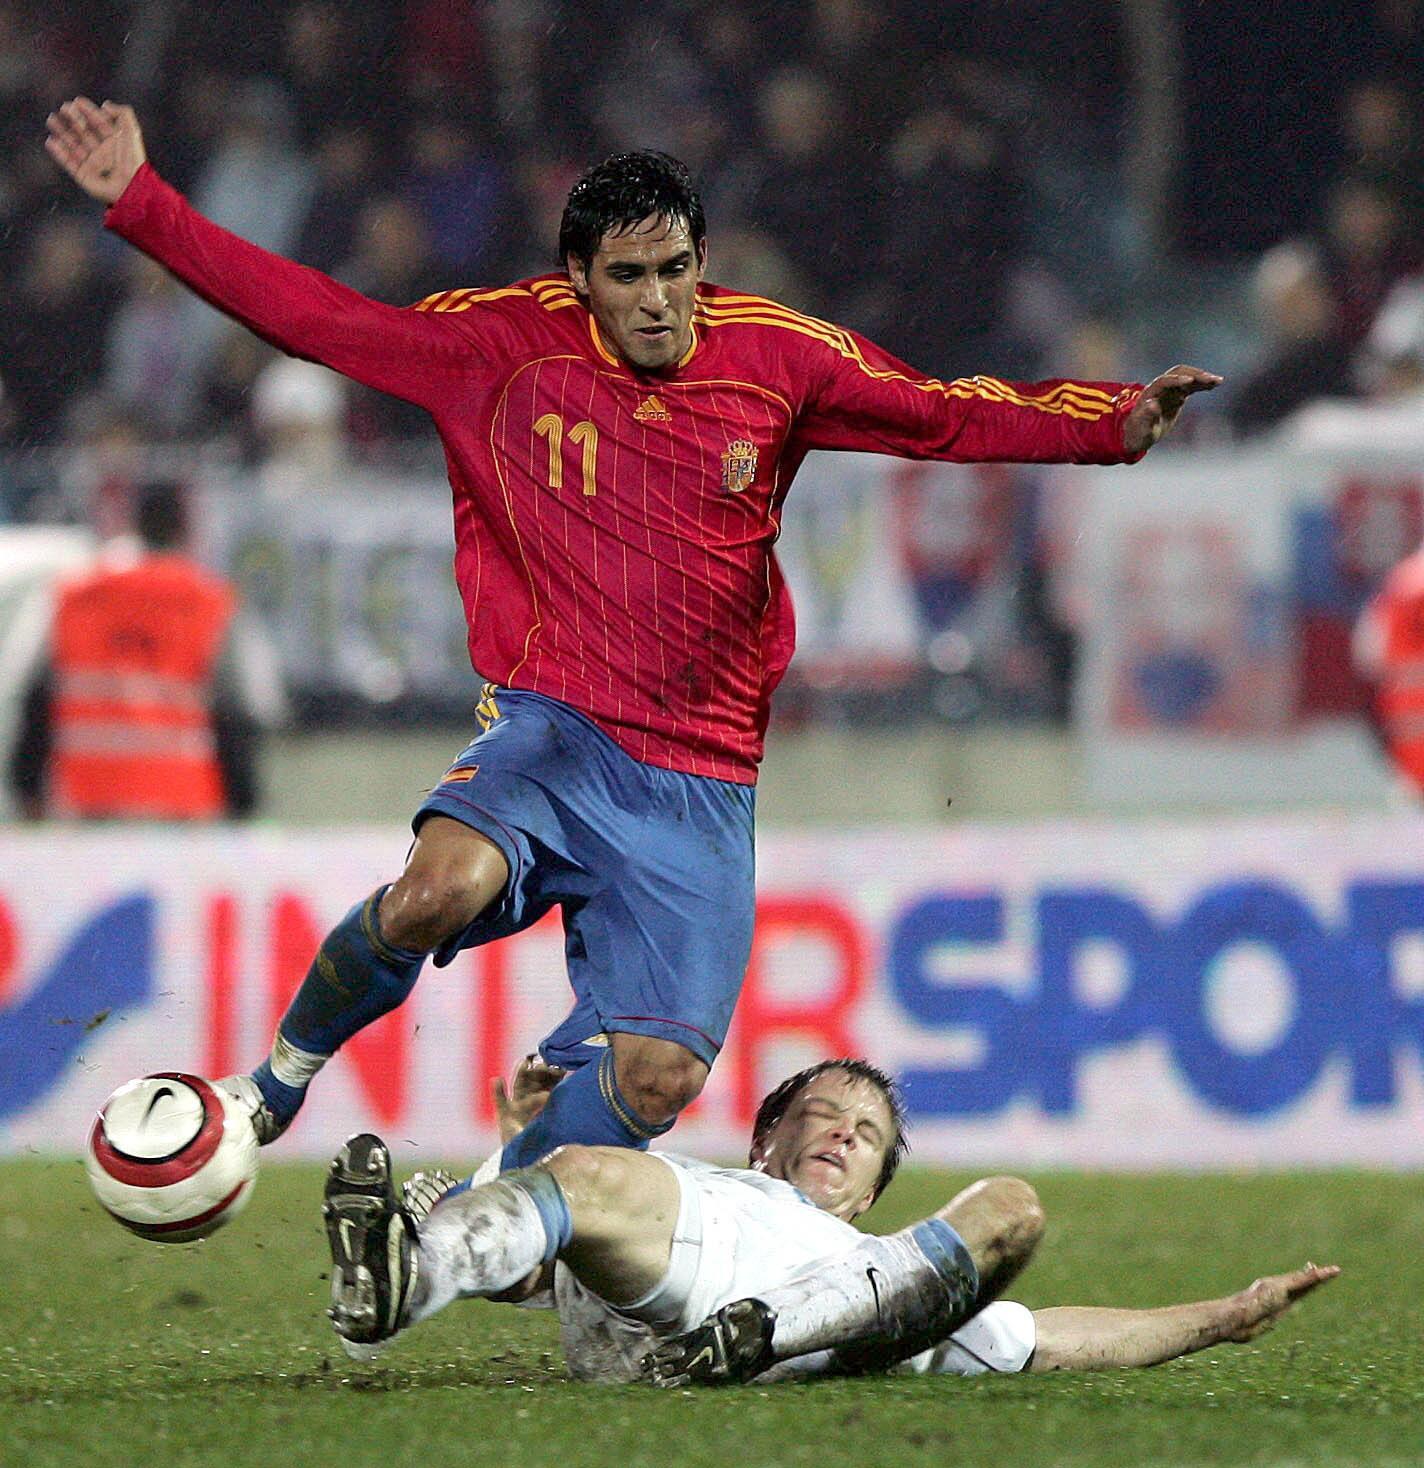 Vicente, en un partido de la selección española ante Eslovaquia en Bratislava correspondiente a la repesca para acudir al Mundial de 2006, disputado en noviembre de 2005 (Archivo 20minutos).